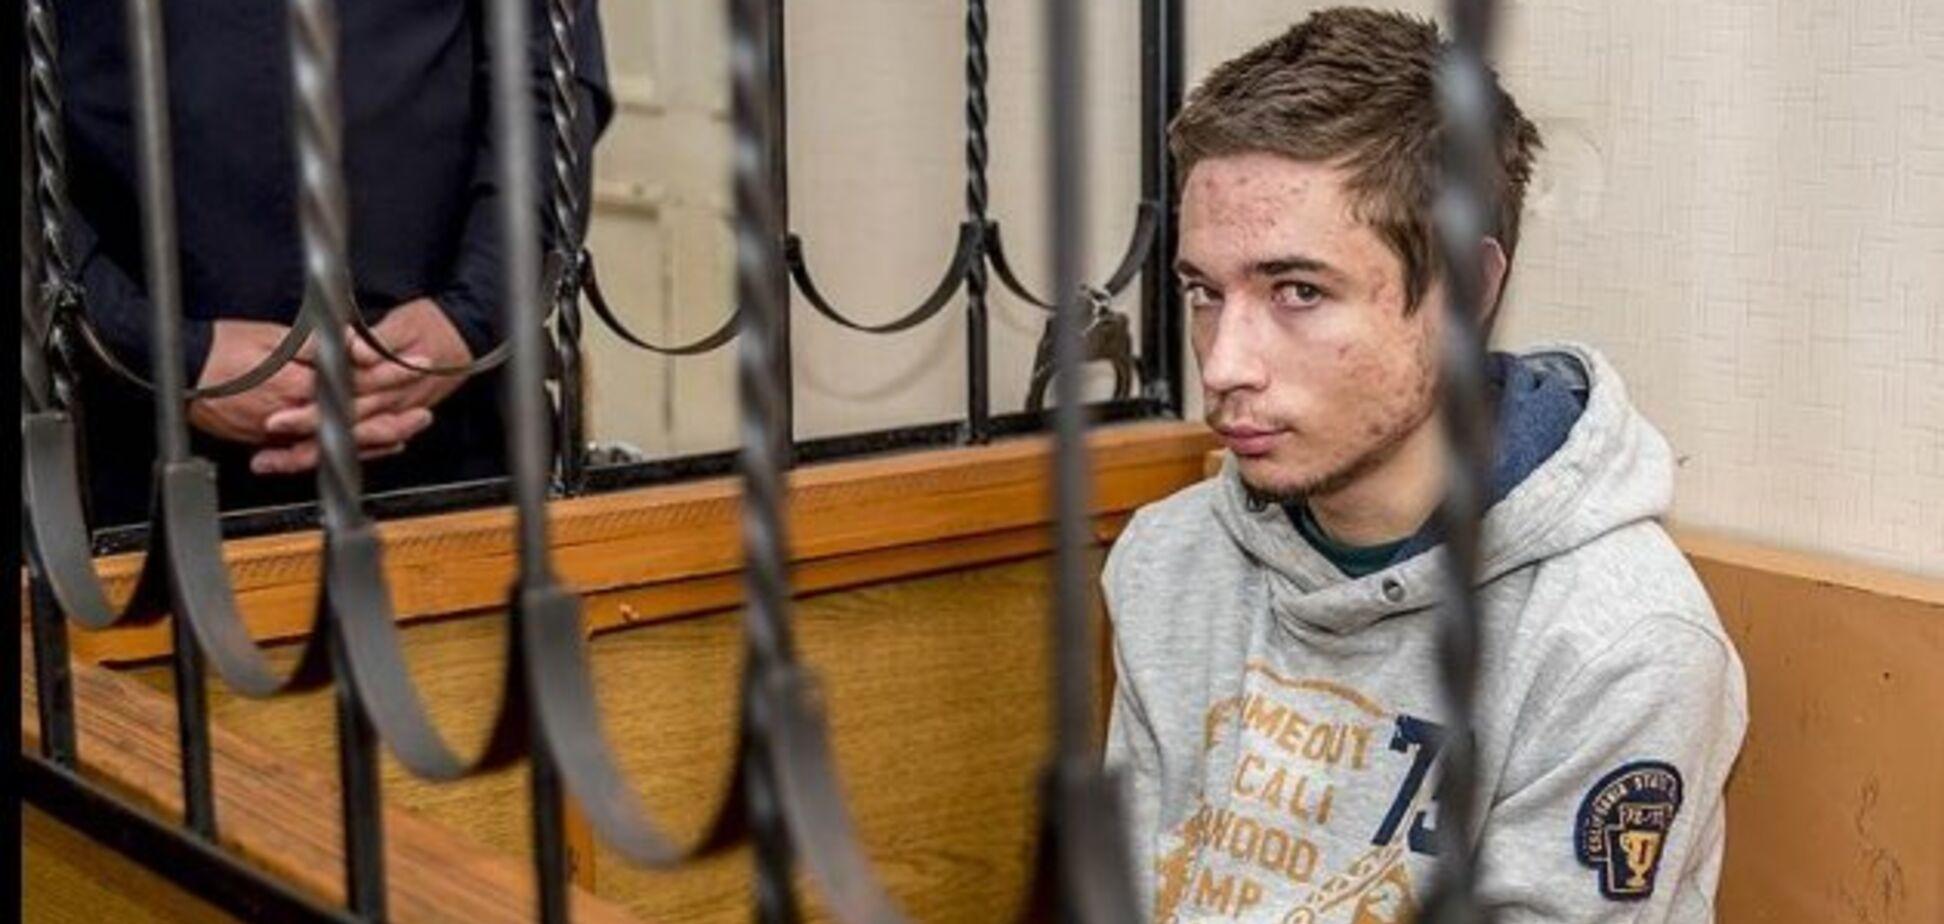 В России вынесли приговор узнику Кремля: он объявил голодовку